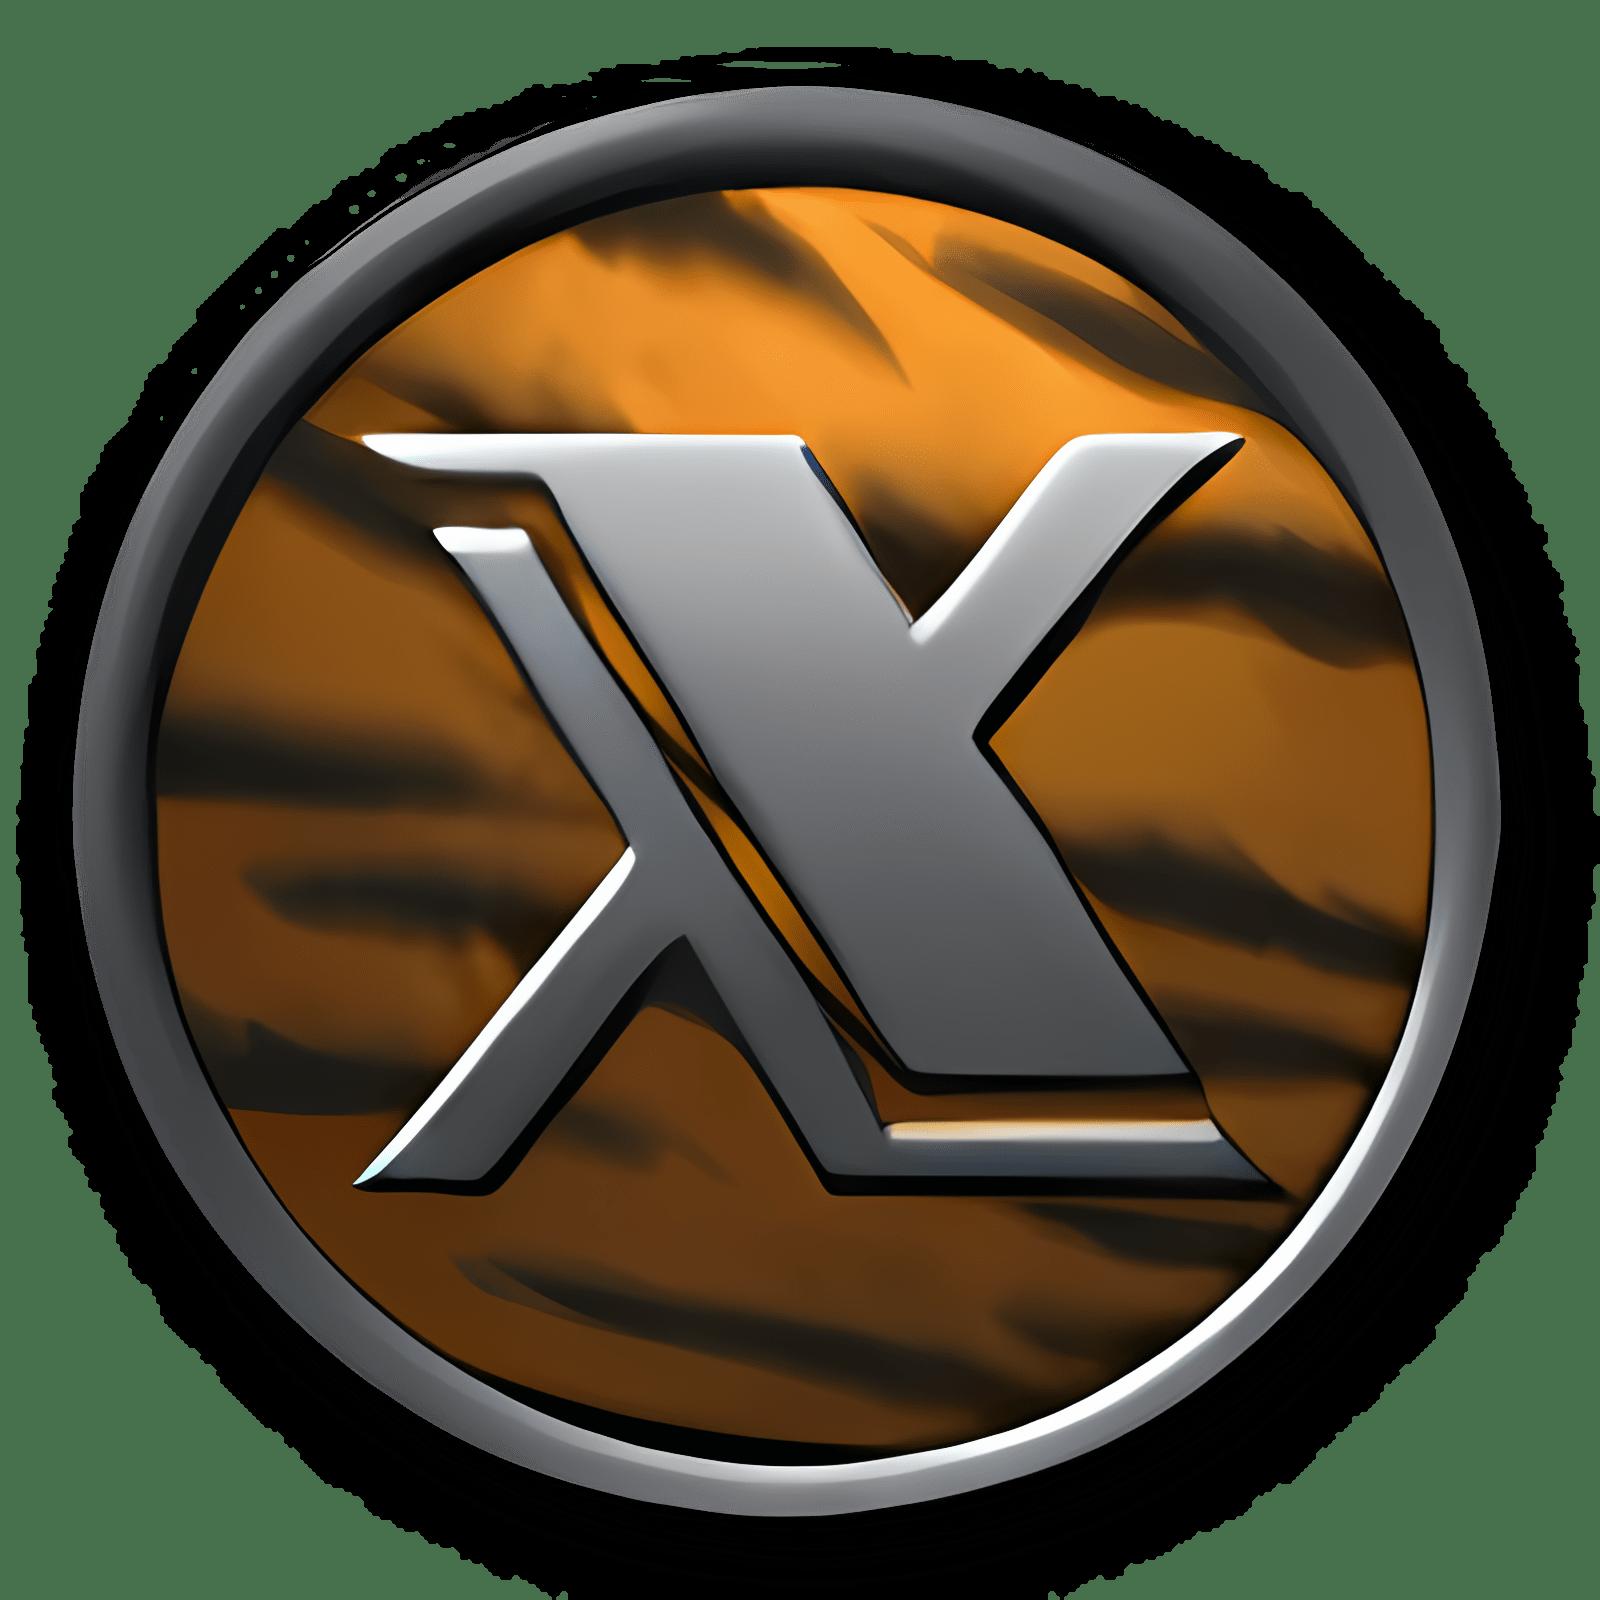 OnyX 1.8.6 Tiger